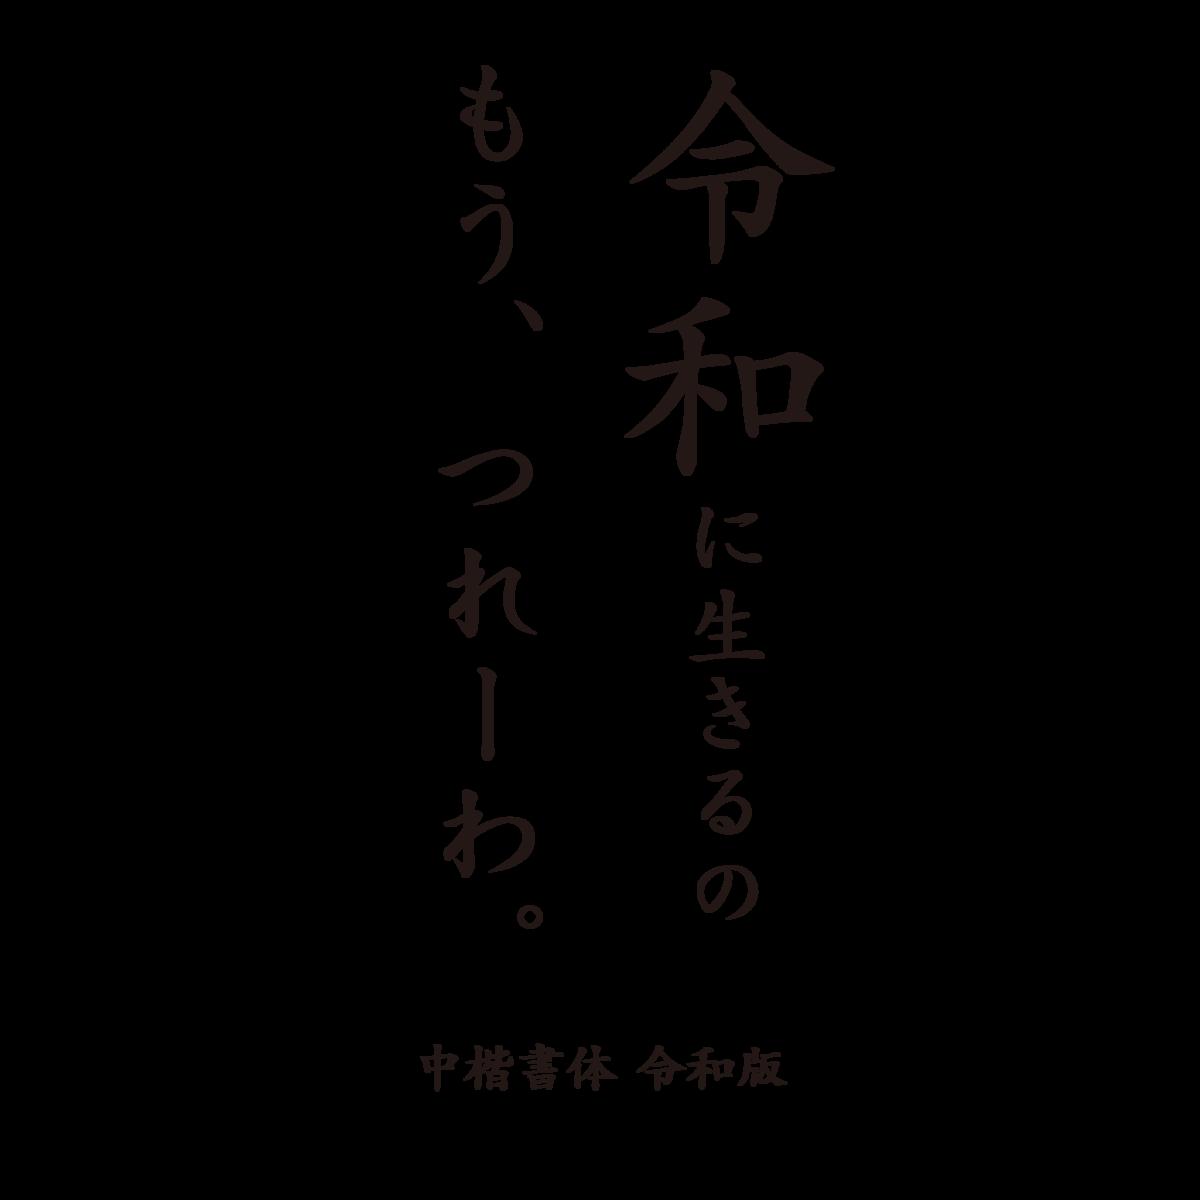 f:id:mojiru:20200608090019p:plain